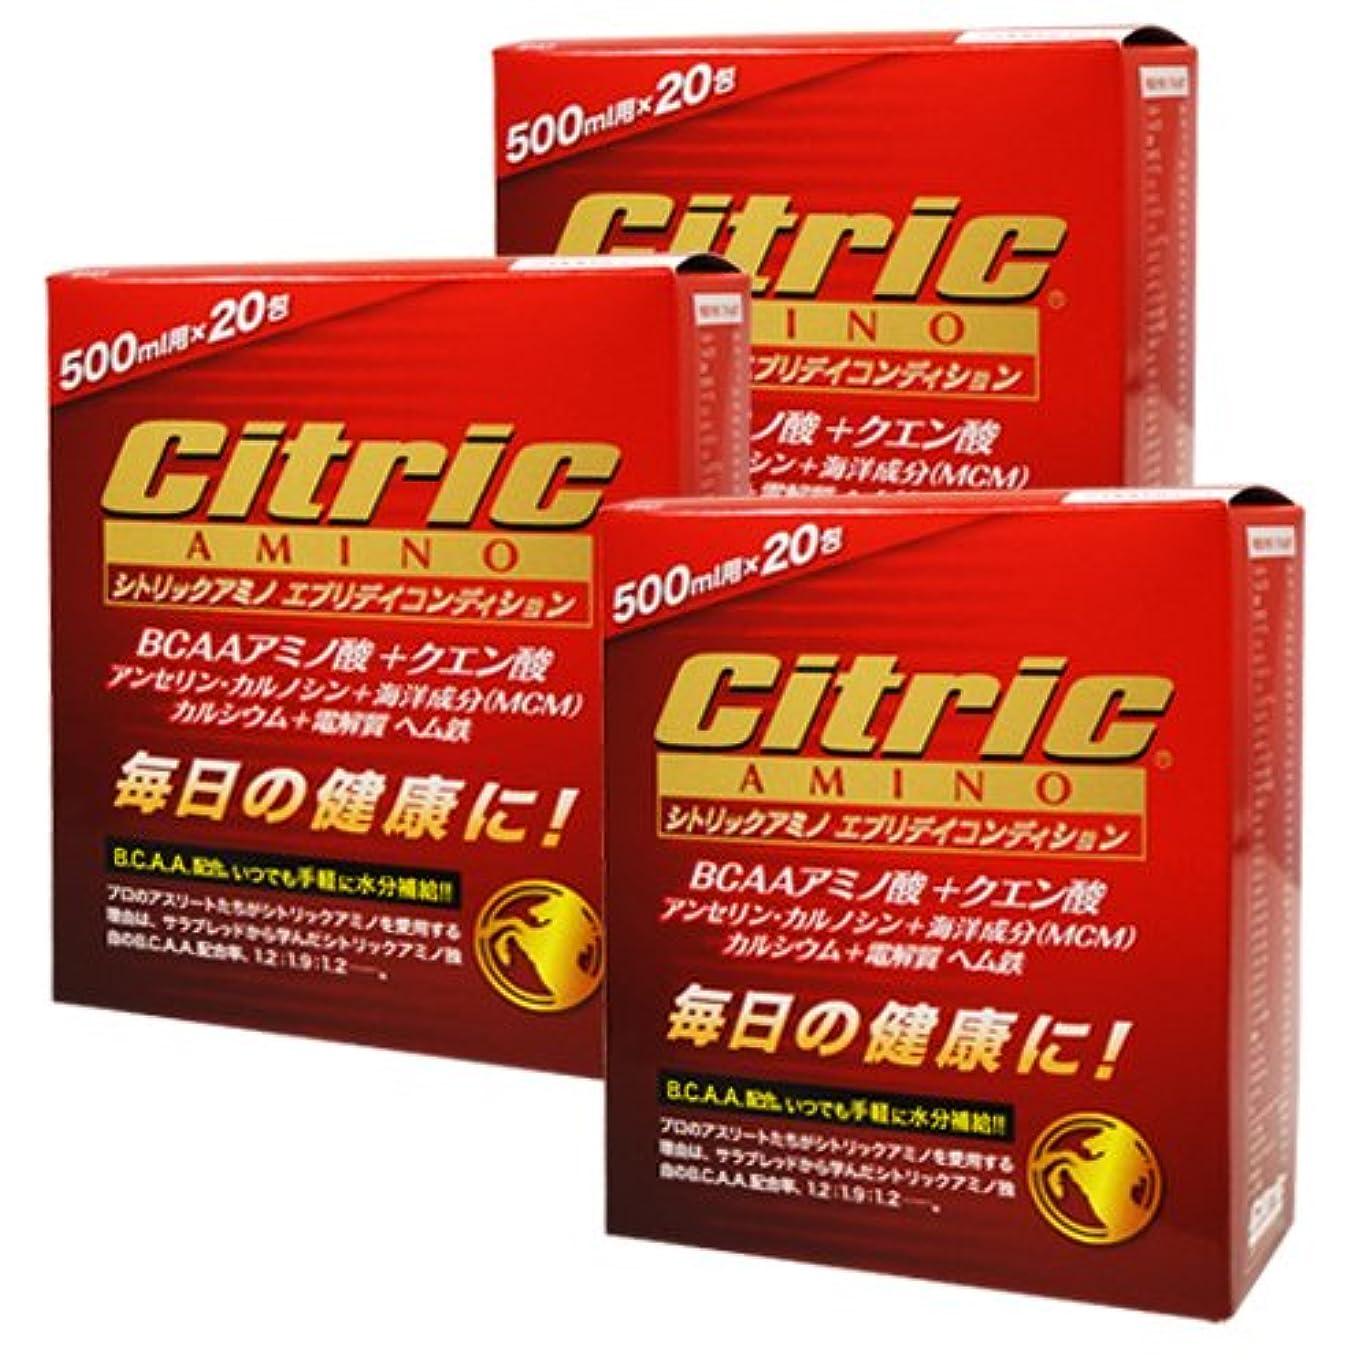 シトリックアミノ エブリデイコンディション 120g(6g×20包)×3箱